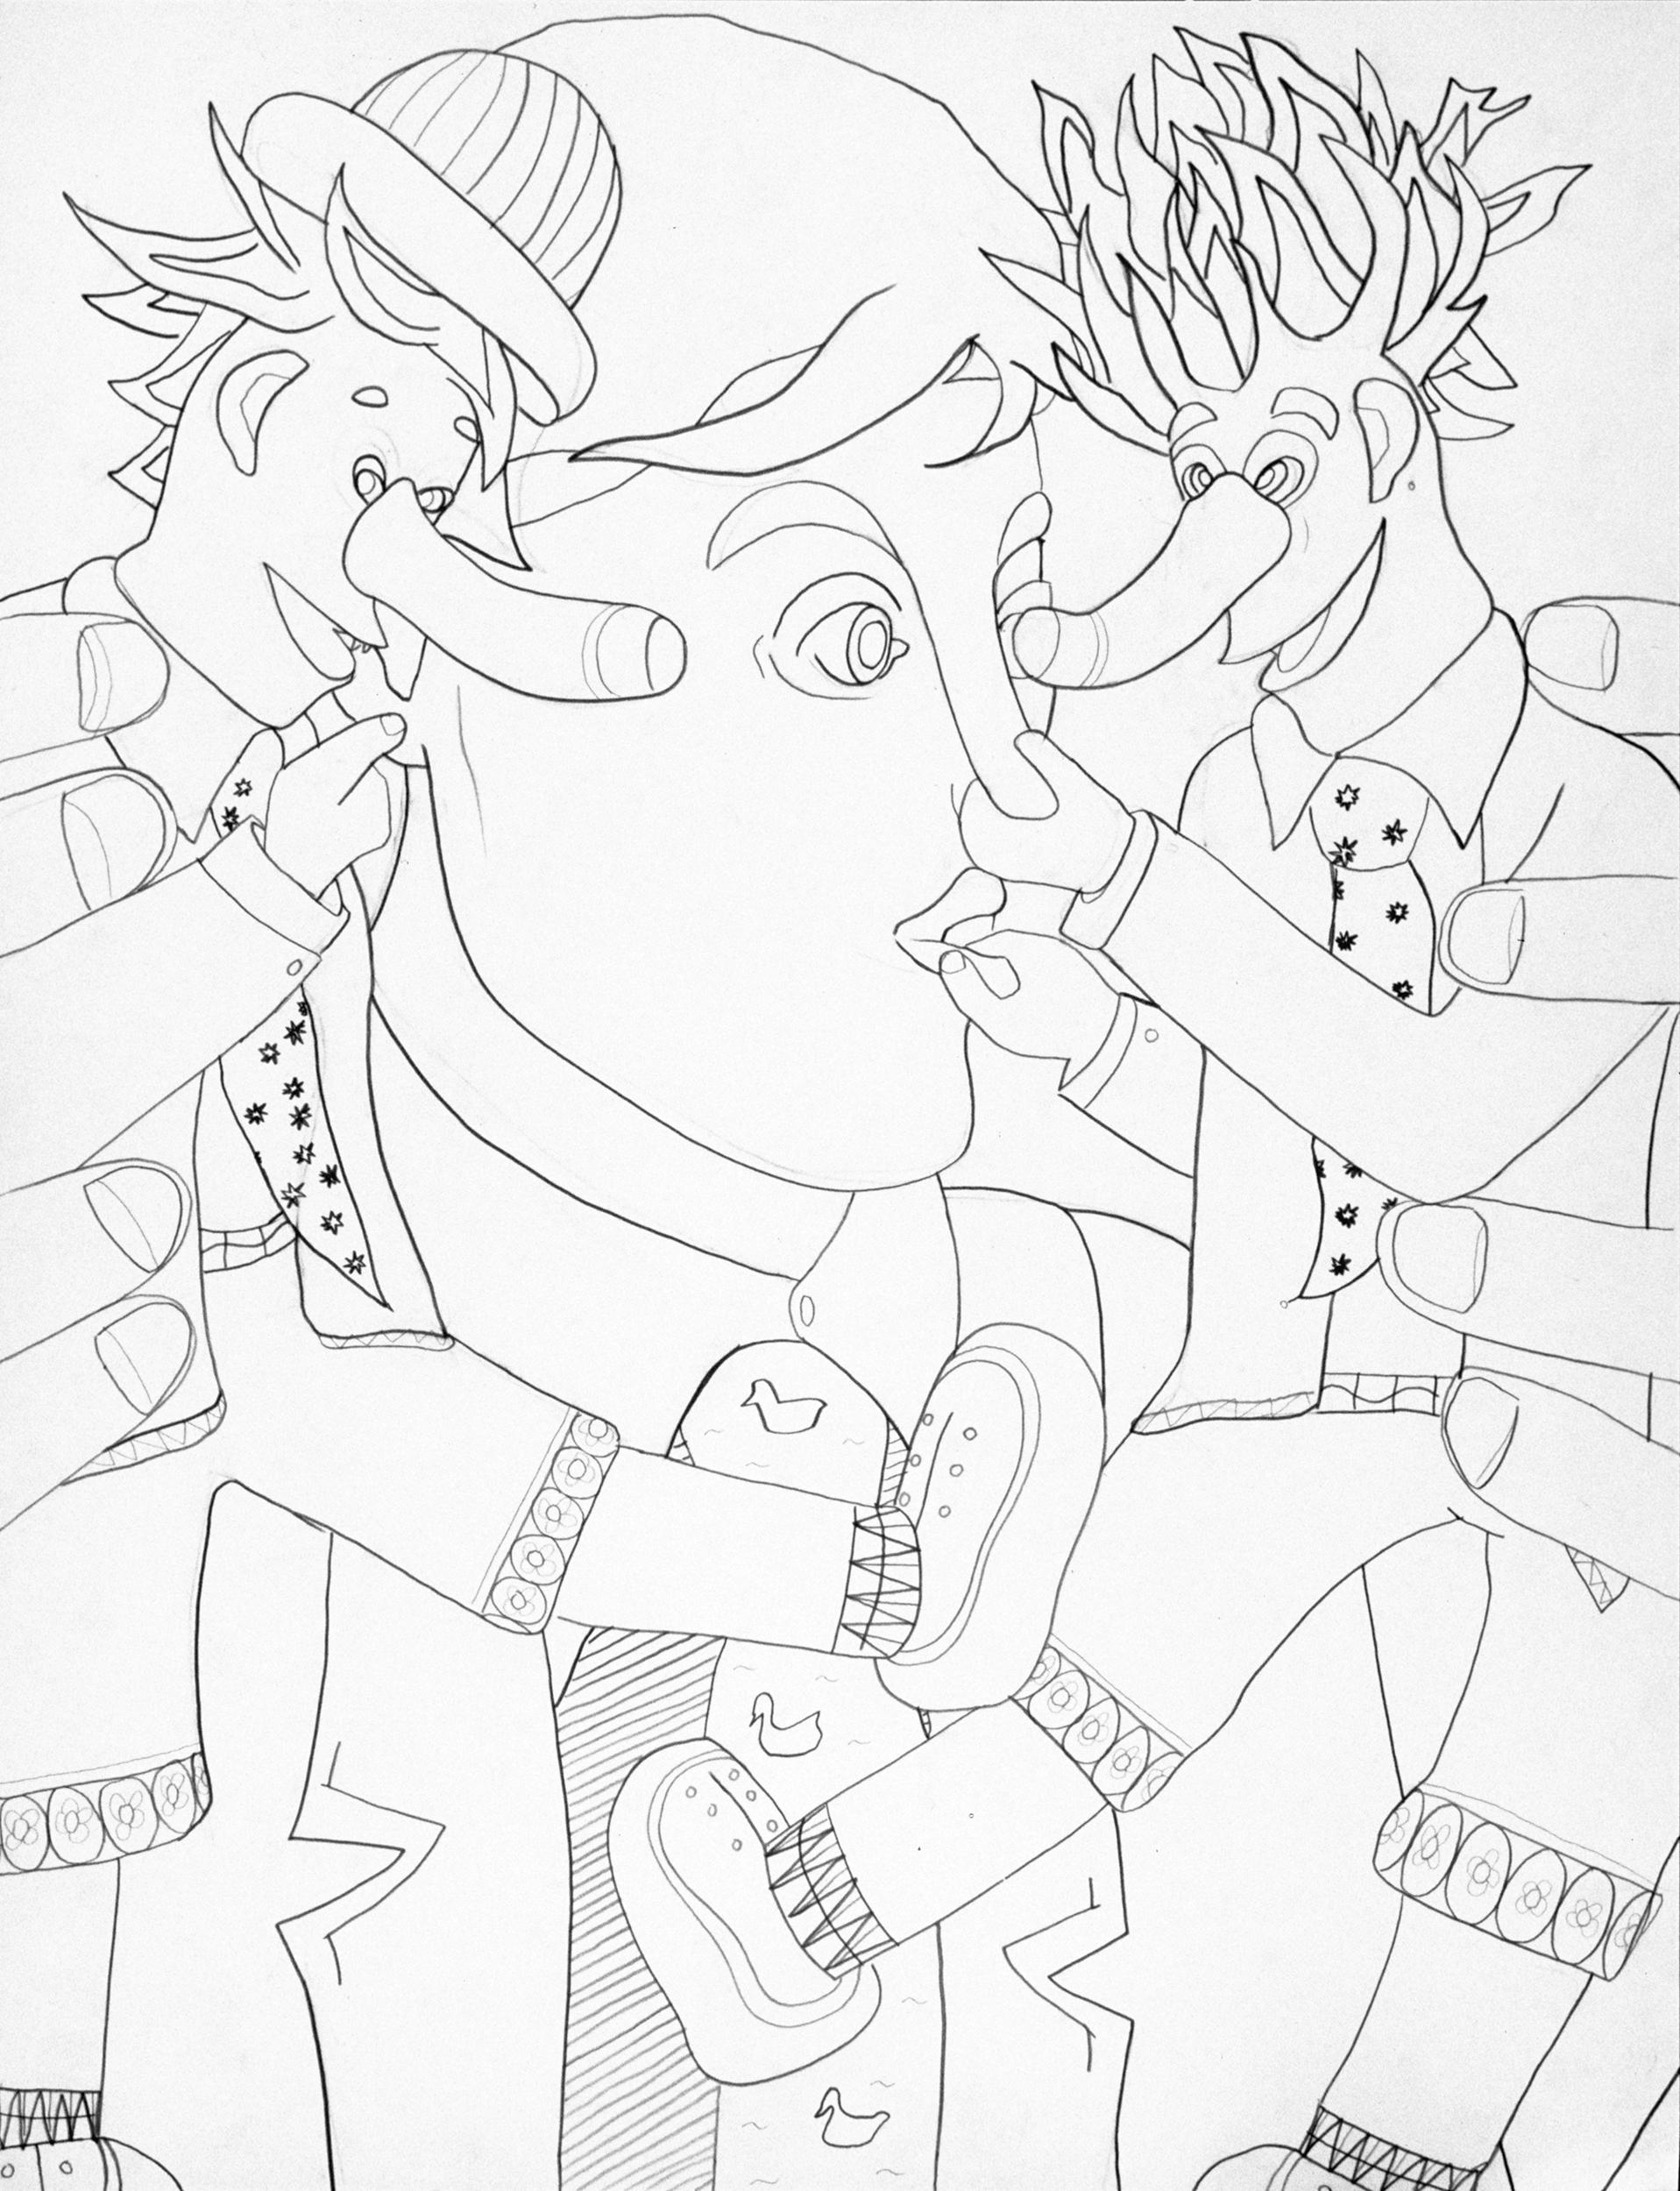 Mocking II, drawing by Wouter van Riessen